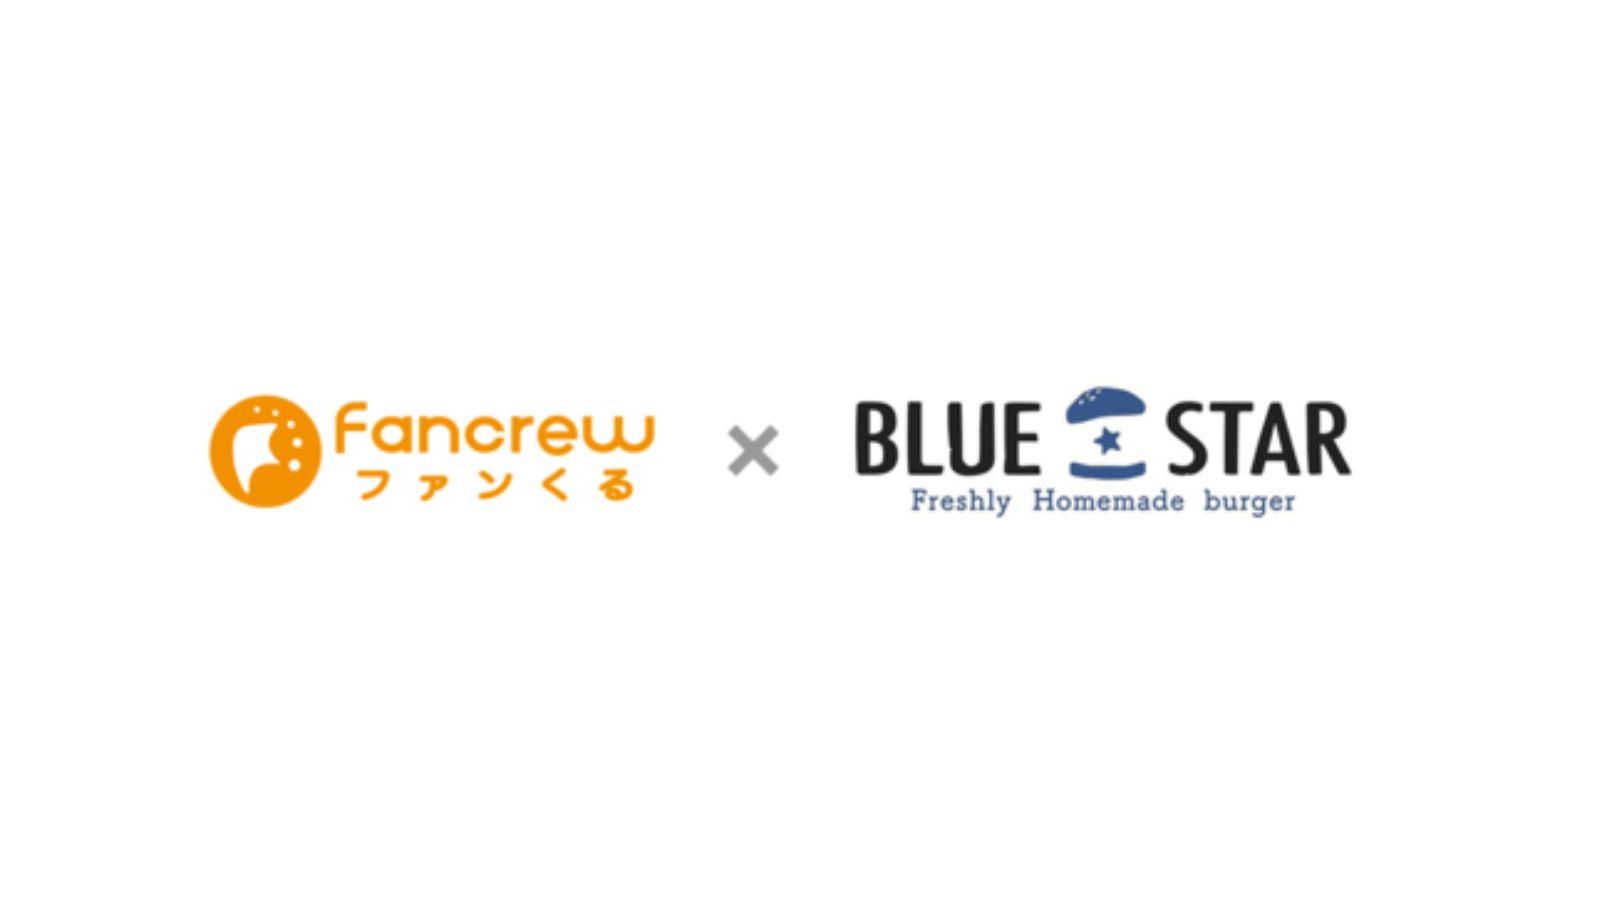 """DXを駆使し手作りの高品質ハンバーガーをお手頃価格で提供する """"新しいカタチ""""のハンバーガーストア「BLUE STAR BURGER」が「ファンくる」サービス開始"""